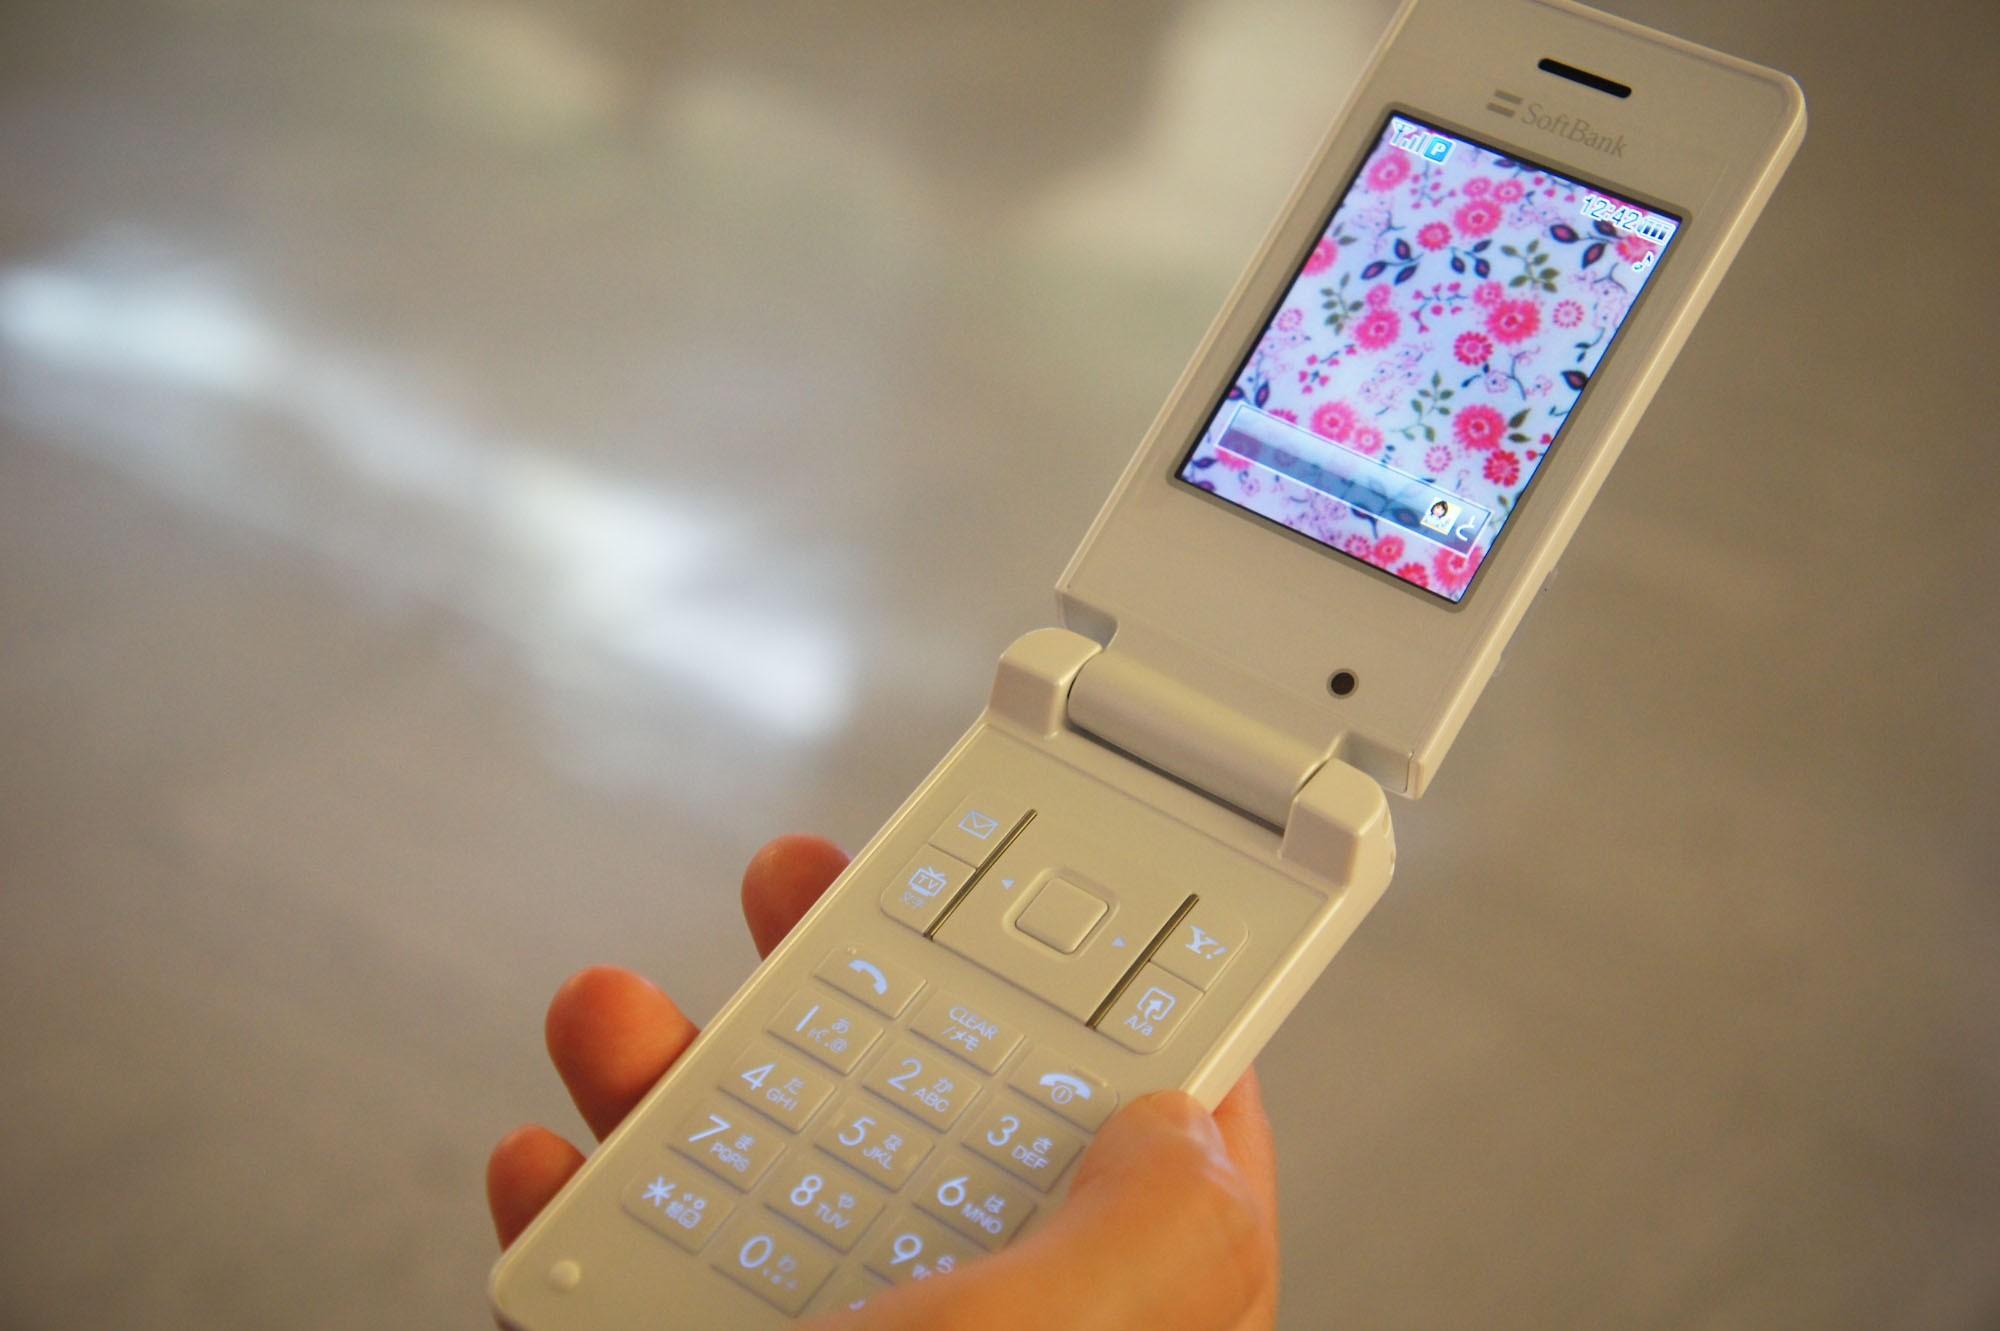 acheter telephone portable da cor nele no caso das rplicas j na verso acheter telephone. Black Bedroom Furniture Sets. Home Design Ideas